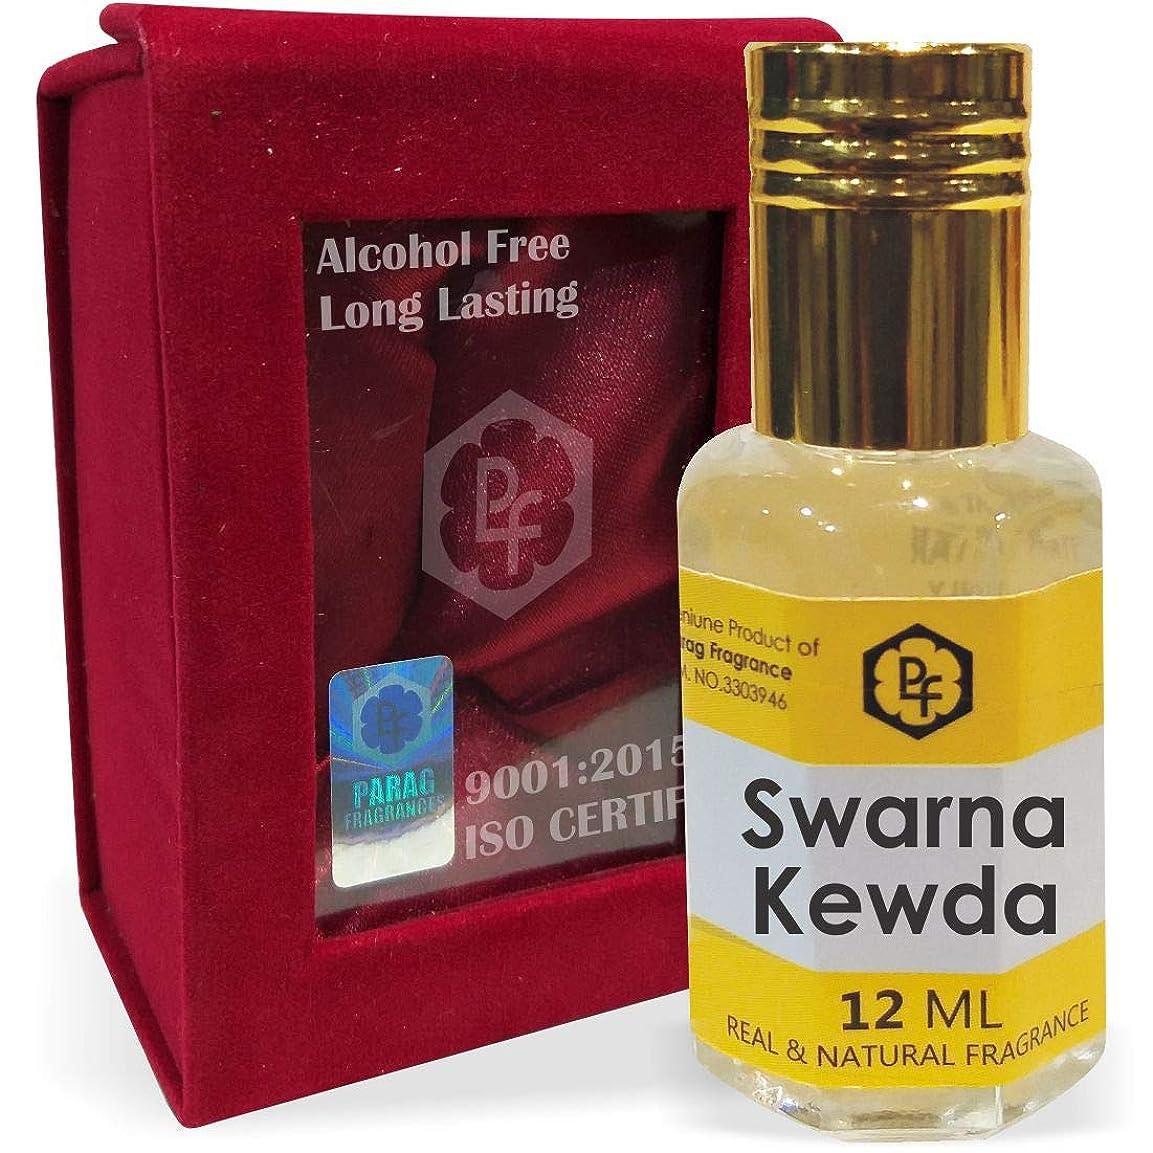 わずらわしい直感成長するParagフレグランスSwarna手作りベルベットボックスKewda 12ミリリットルアター/香水(インドの伝統的なBhapka処理方法により、インド製)オイル/フレグランスオイル|長持ちアターITRA最高の品質